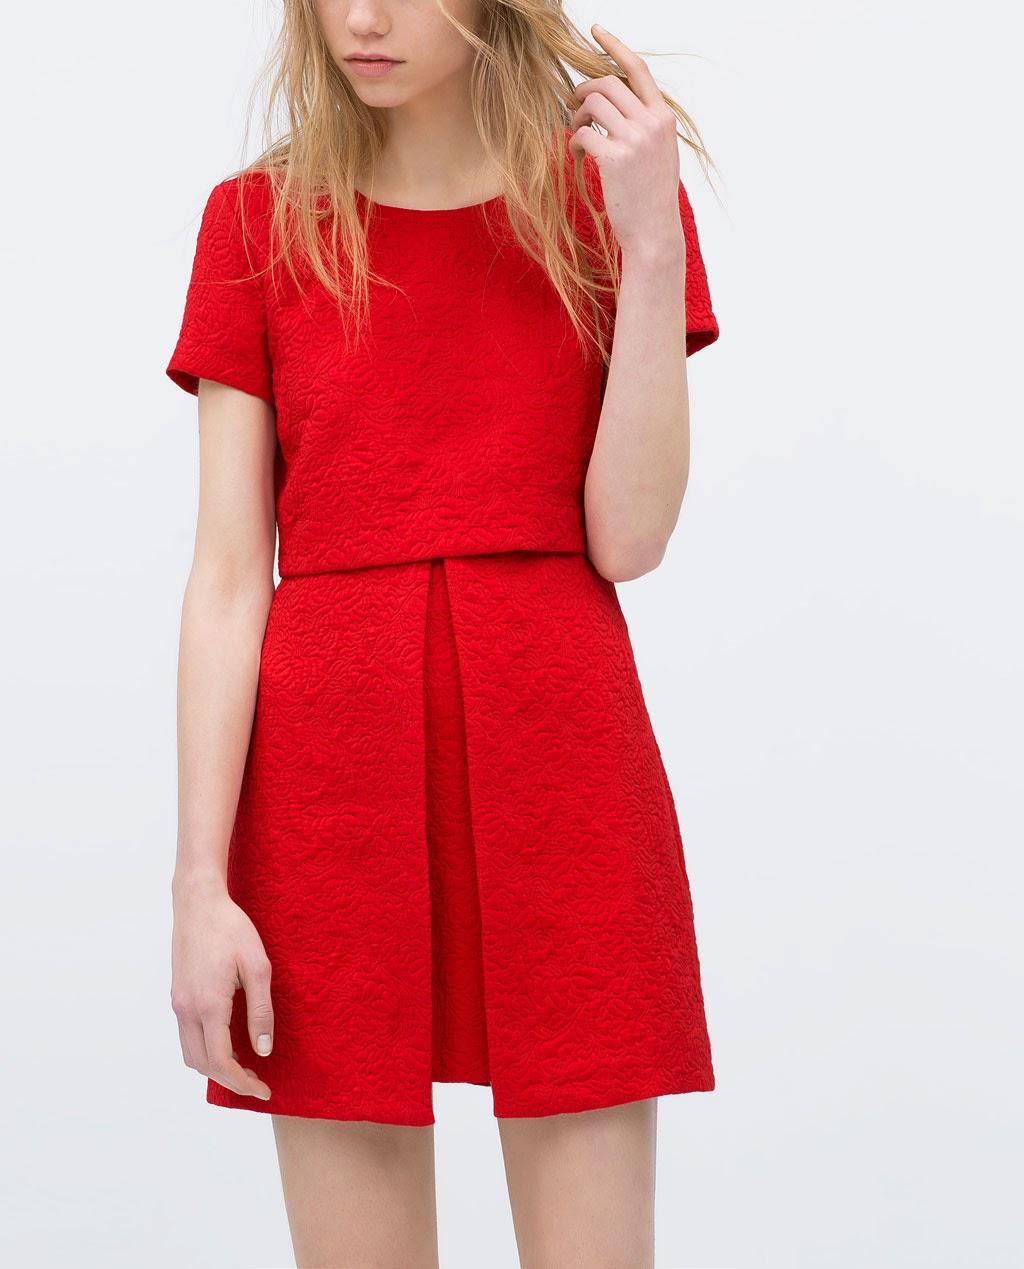 Zara rojo